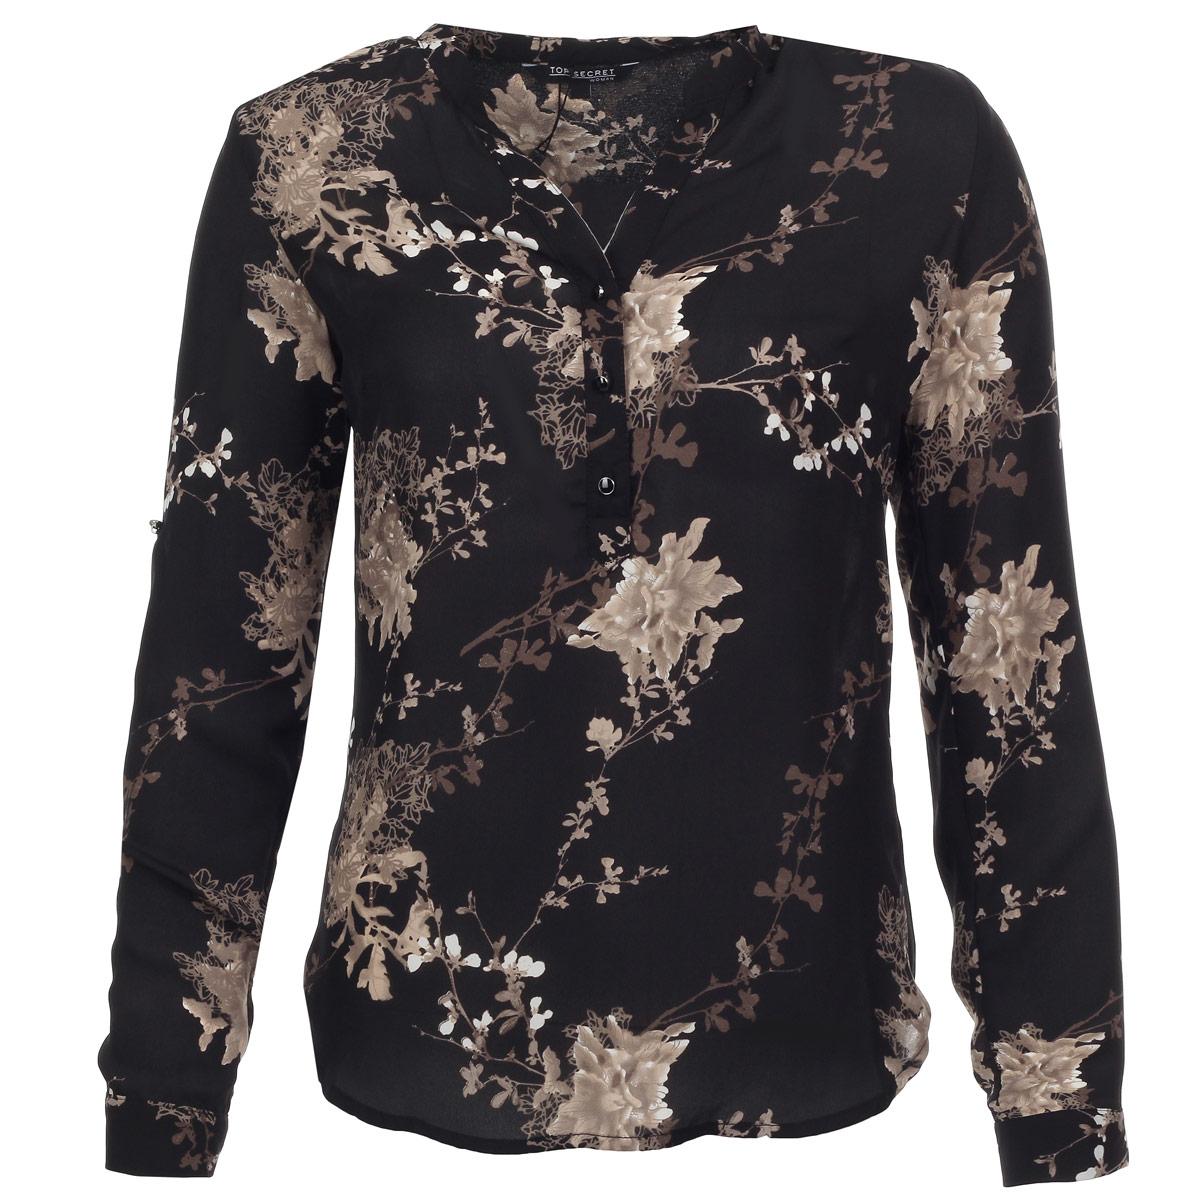 БлузкаSKL1692CAВеликолепная блузка Top Secret с заниженной спинкой, изготовленная из высококачественного материала, необычайно мягкая и приятная на ощупь, не сковывает движения и позволяет коже дышать, не раздражает даже самую нежную и чувствительную кожу, обеспечивая наибольший комфорт. Изделие оформлено растительным узором. Модель свободного кроя, с длинными рукавами, с V-образным вырезом горловины. Блуза застегивается на пуговицы спереди. Рукава оснащены манжетами на пуговицах. Такая блузка будет дарить вам комфорт в течение всего дня и послужит замечательным дополнением к вашему гардеробу.